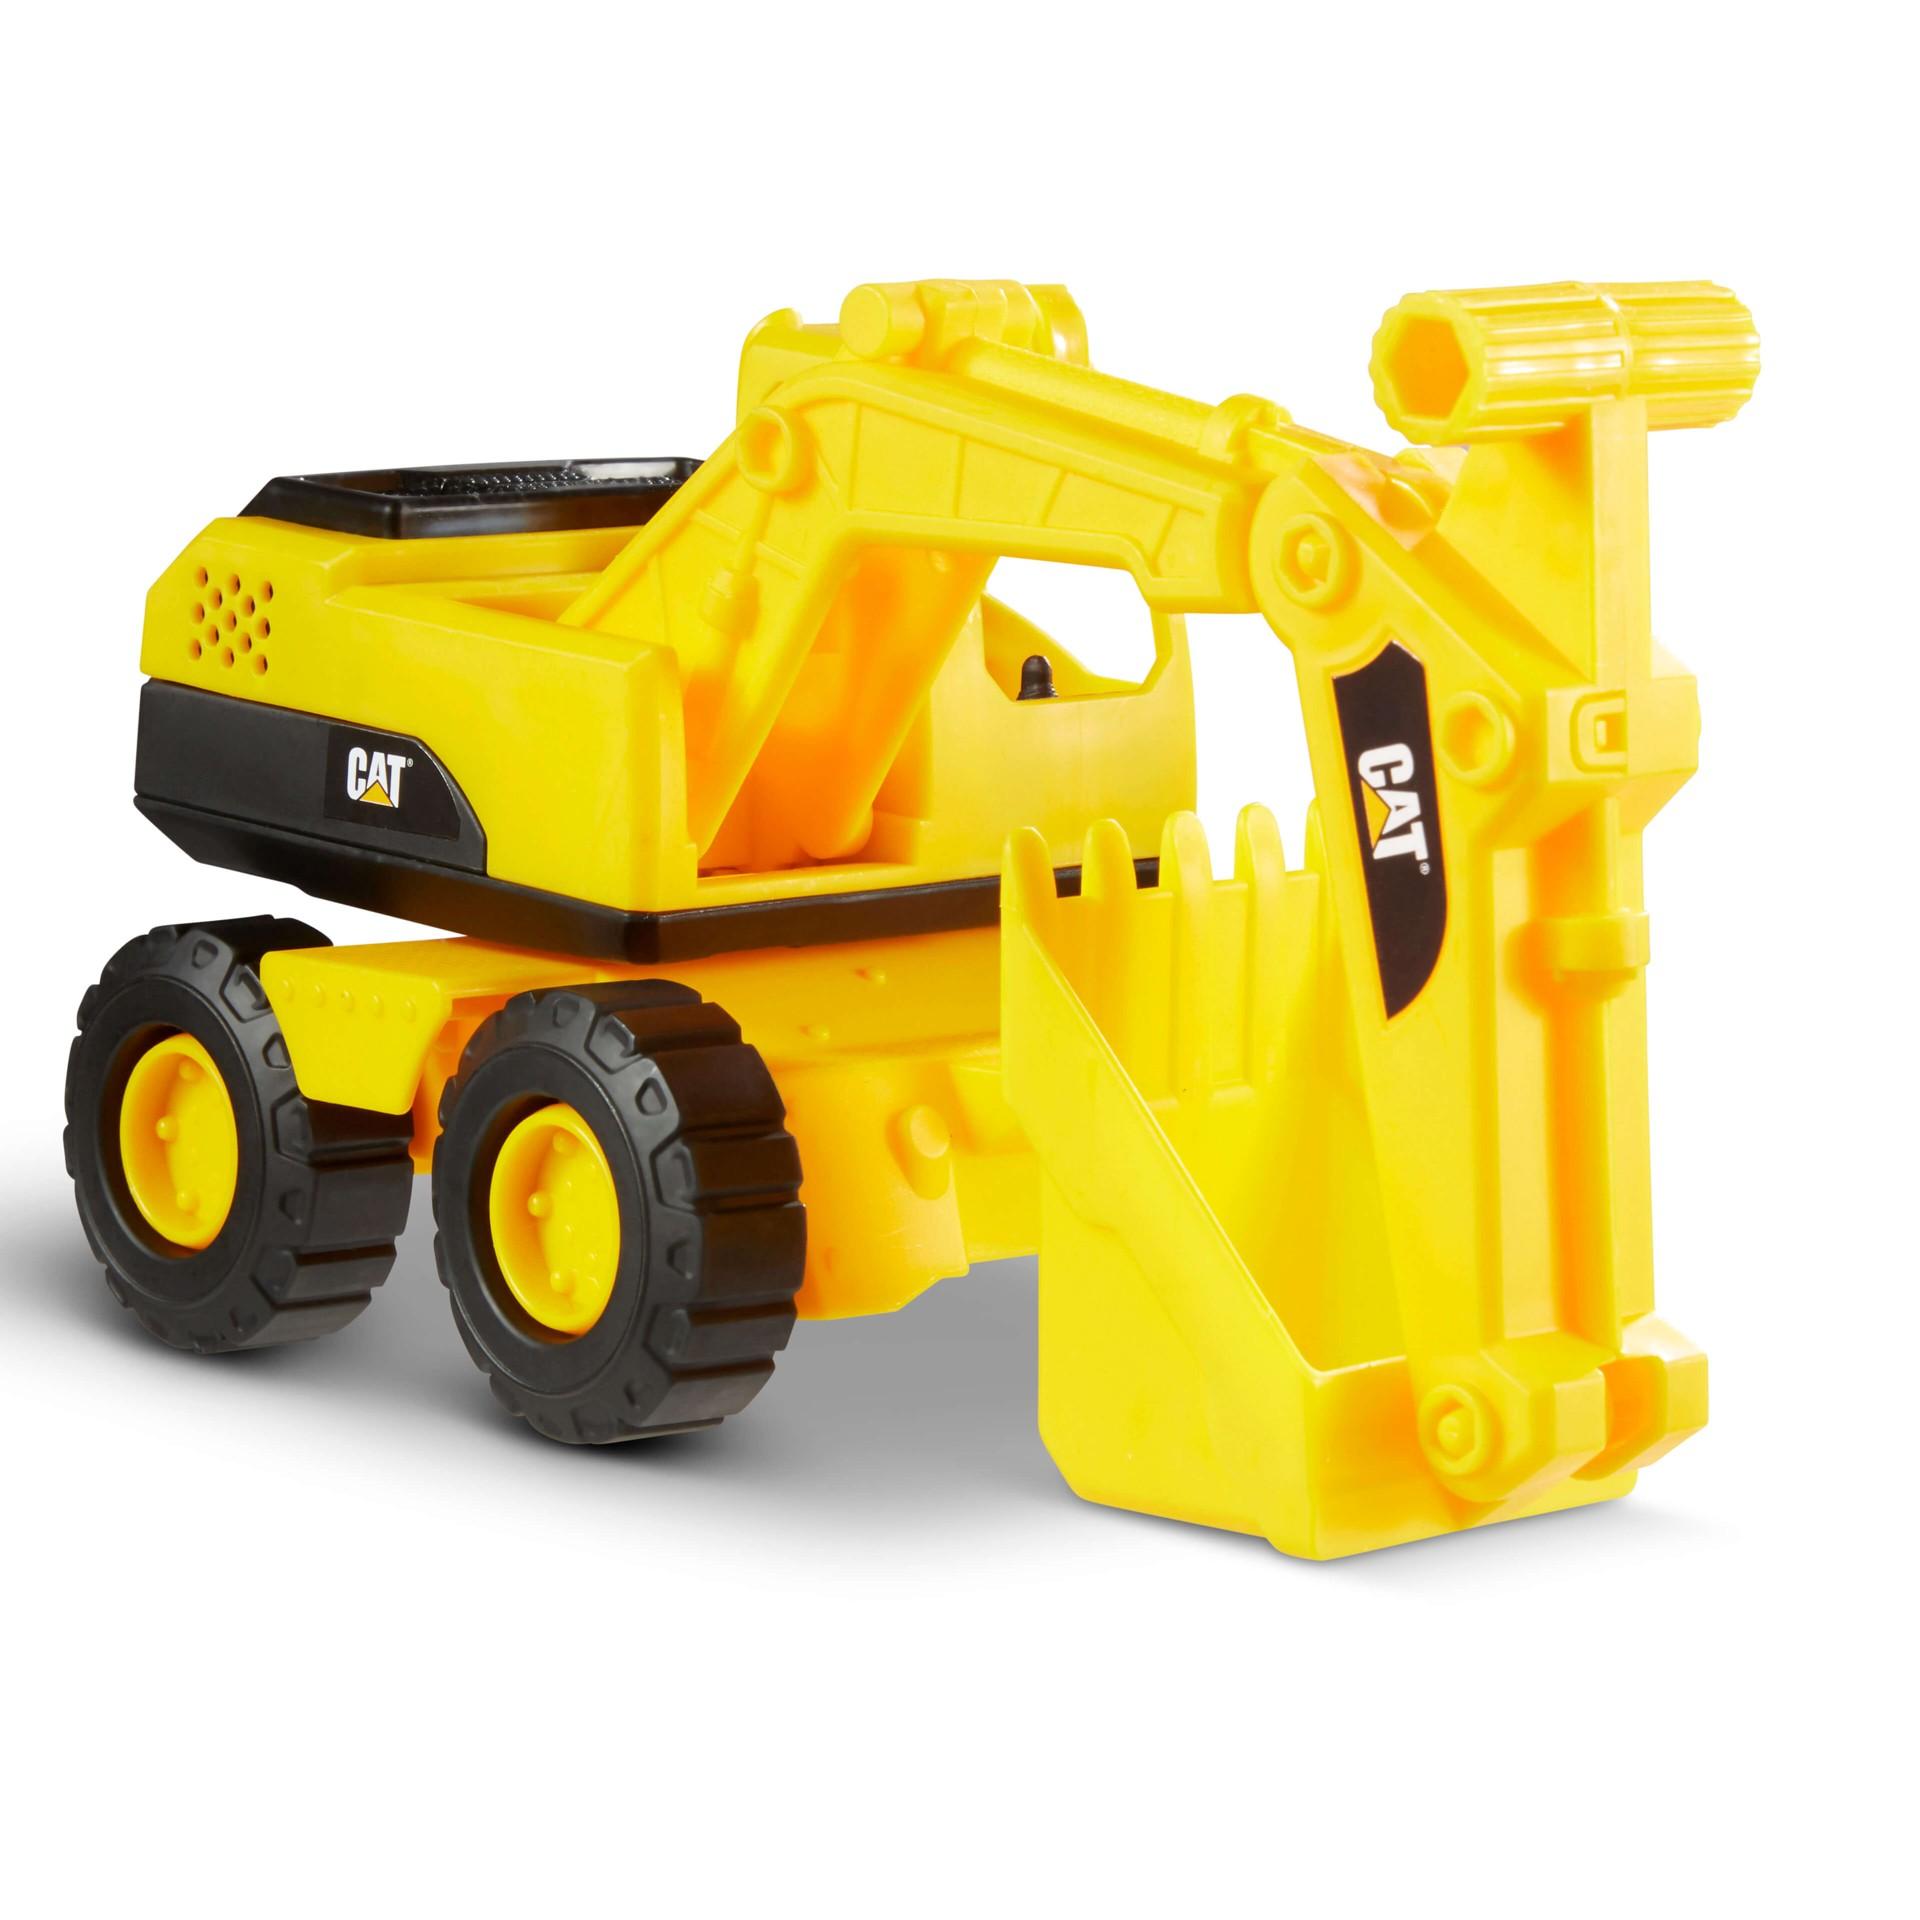 Cat - Tough Rigs Excavator (82035)